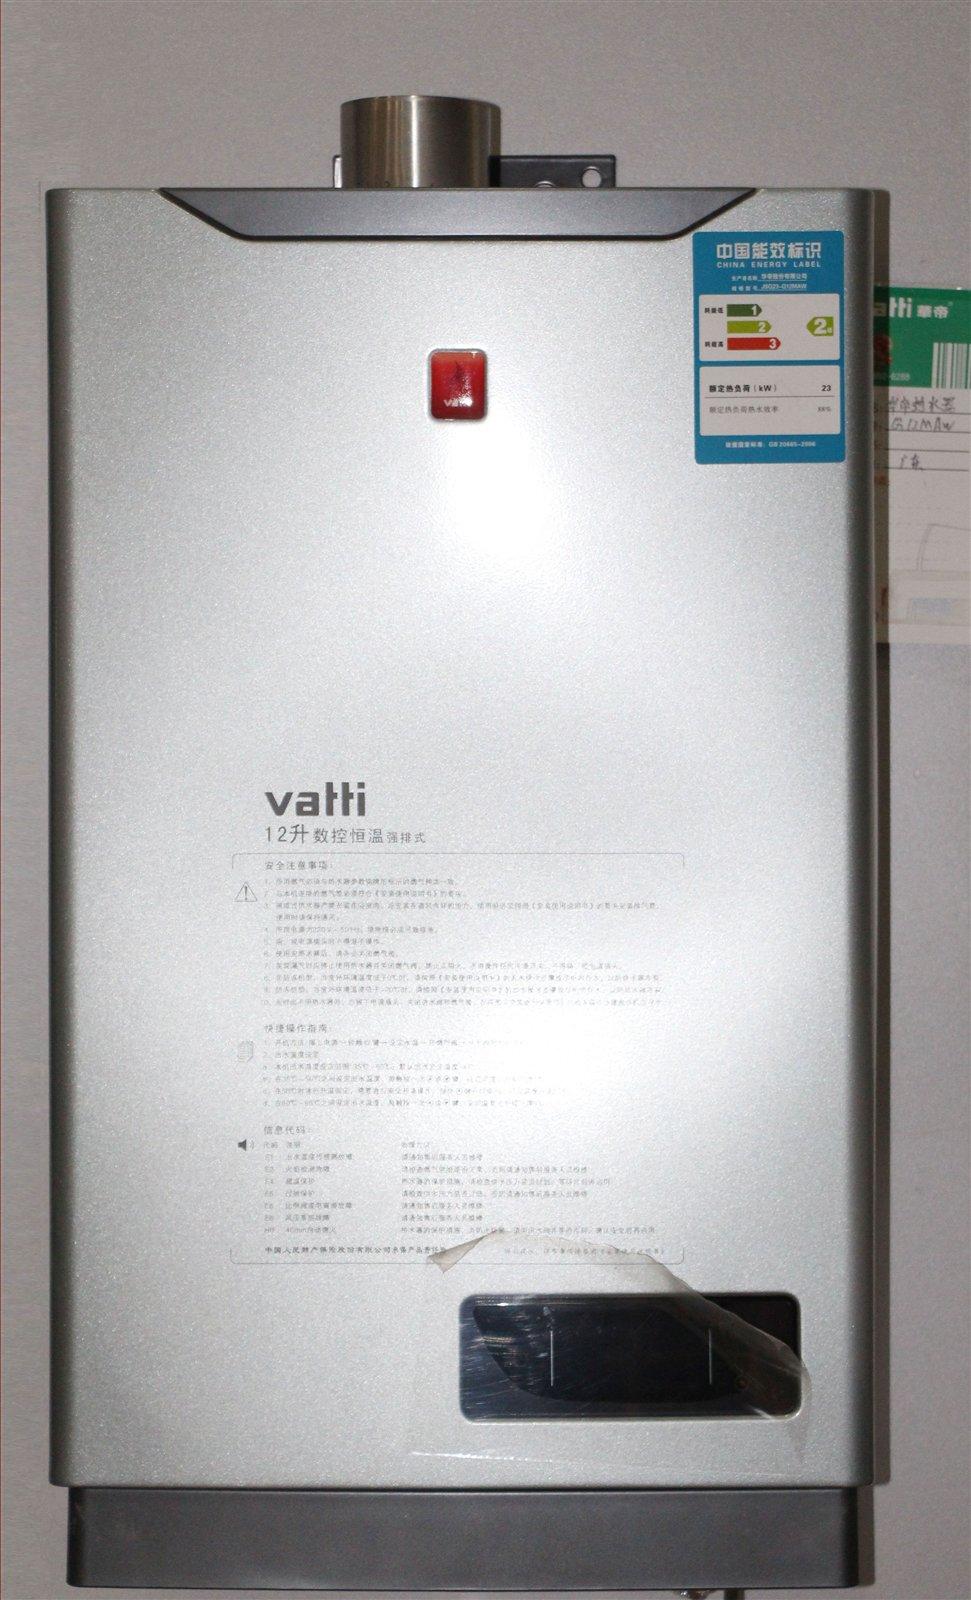 华帝(vatti)q12maw燃气热水器